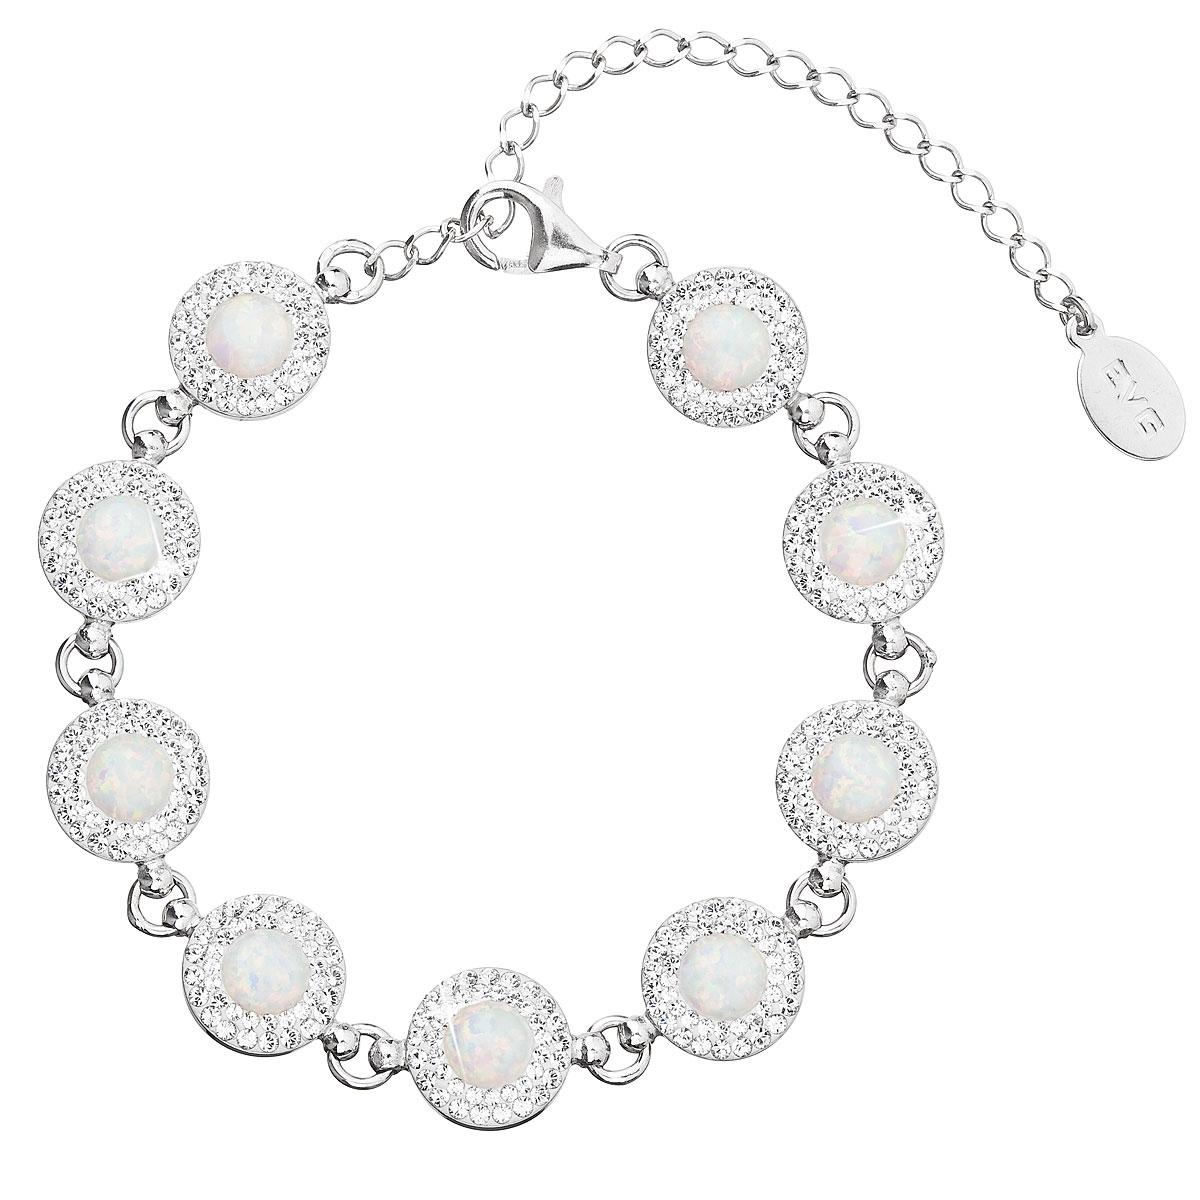 Stříbrný náramek s krystaly Crystals from Swarovski® a bílými opály EG7232-WH